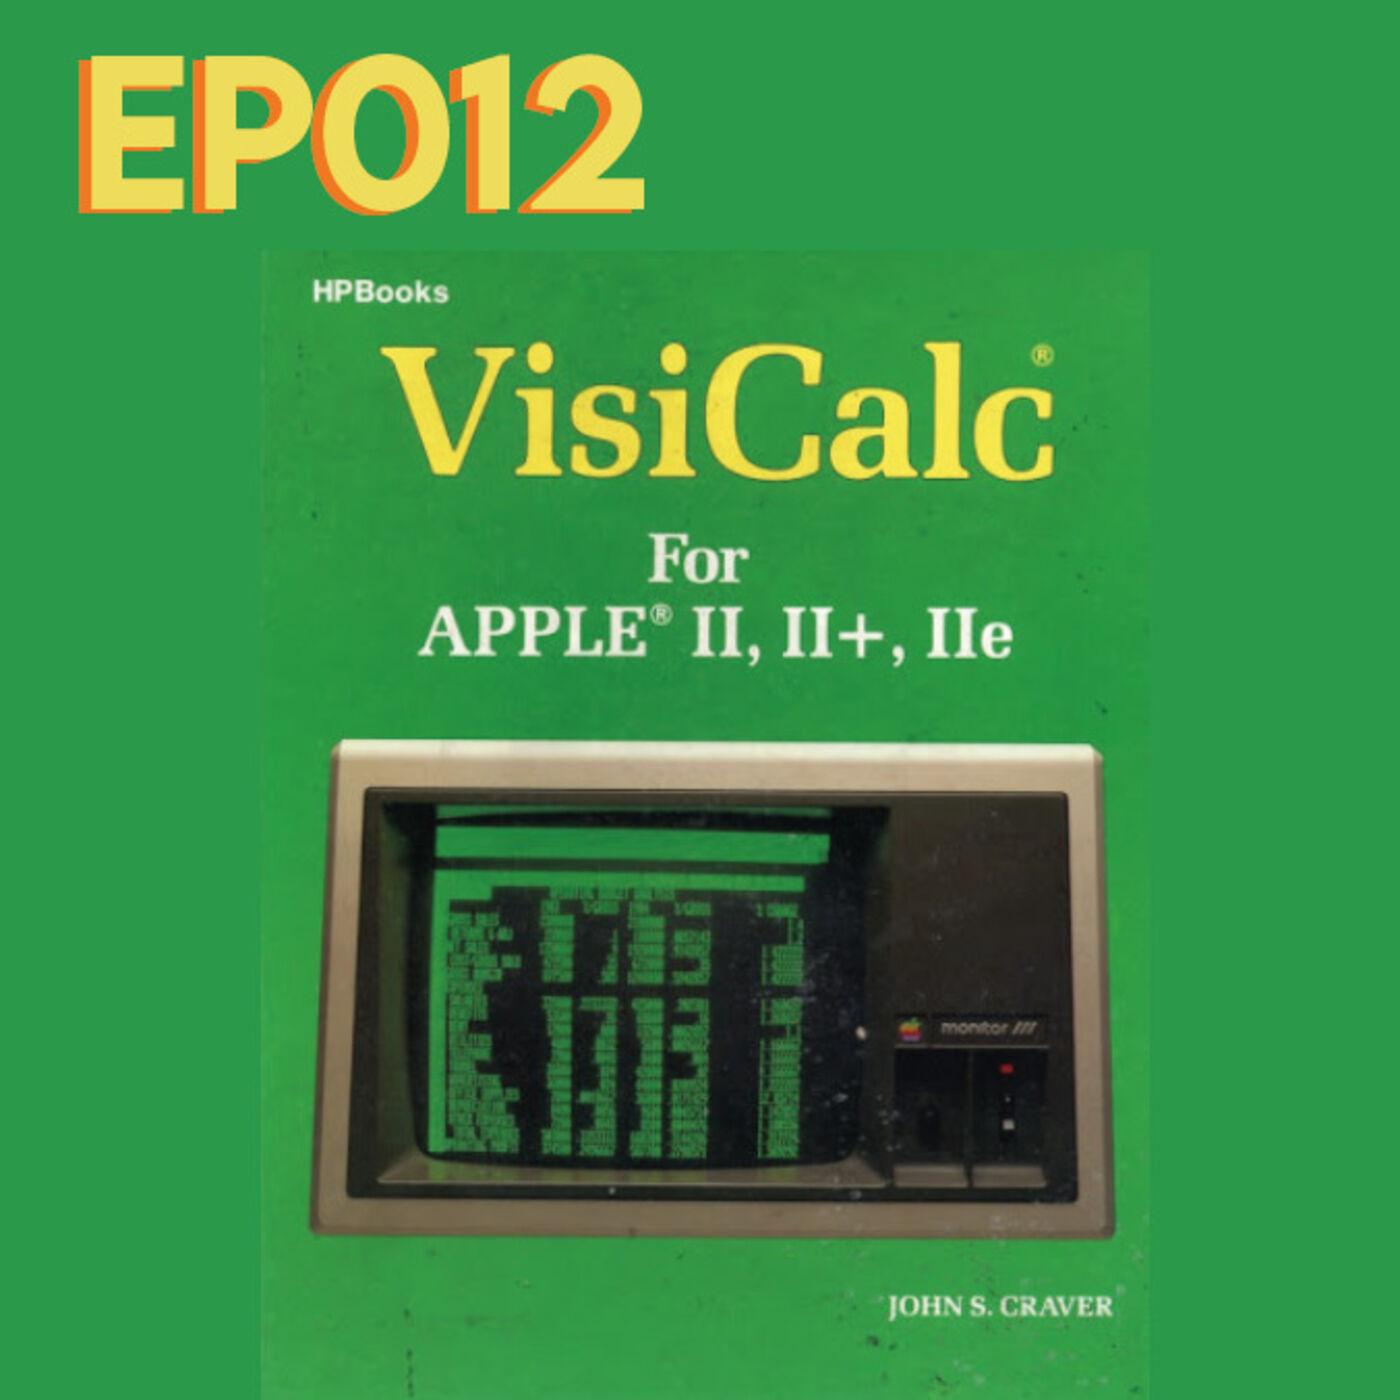 EP012 Desde VisiCalc el primer software contable de la historia, hasta el  software en la nube